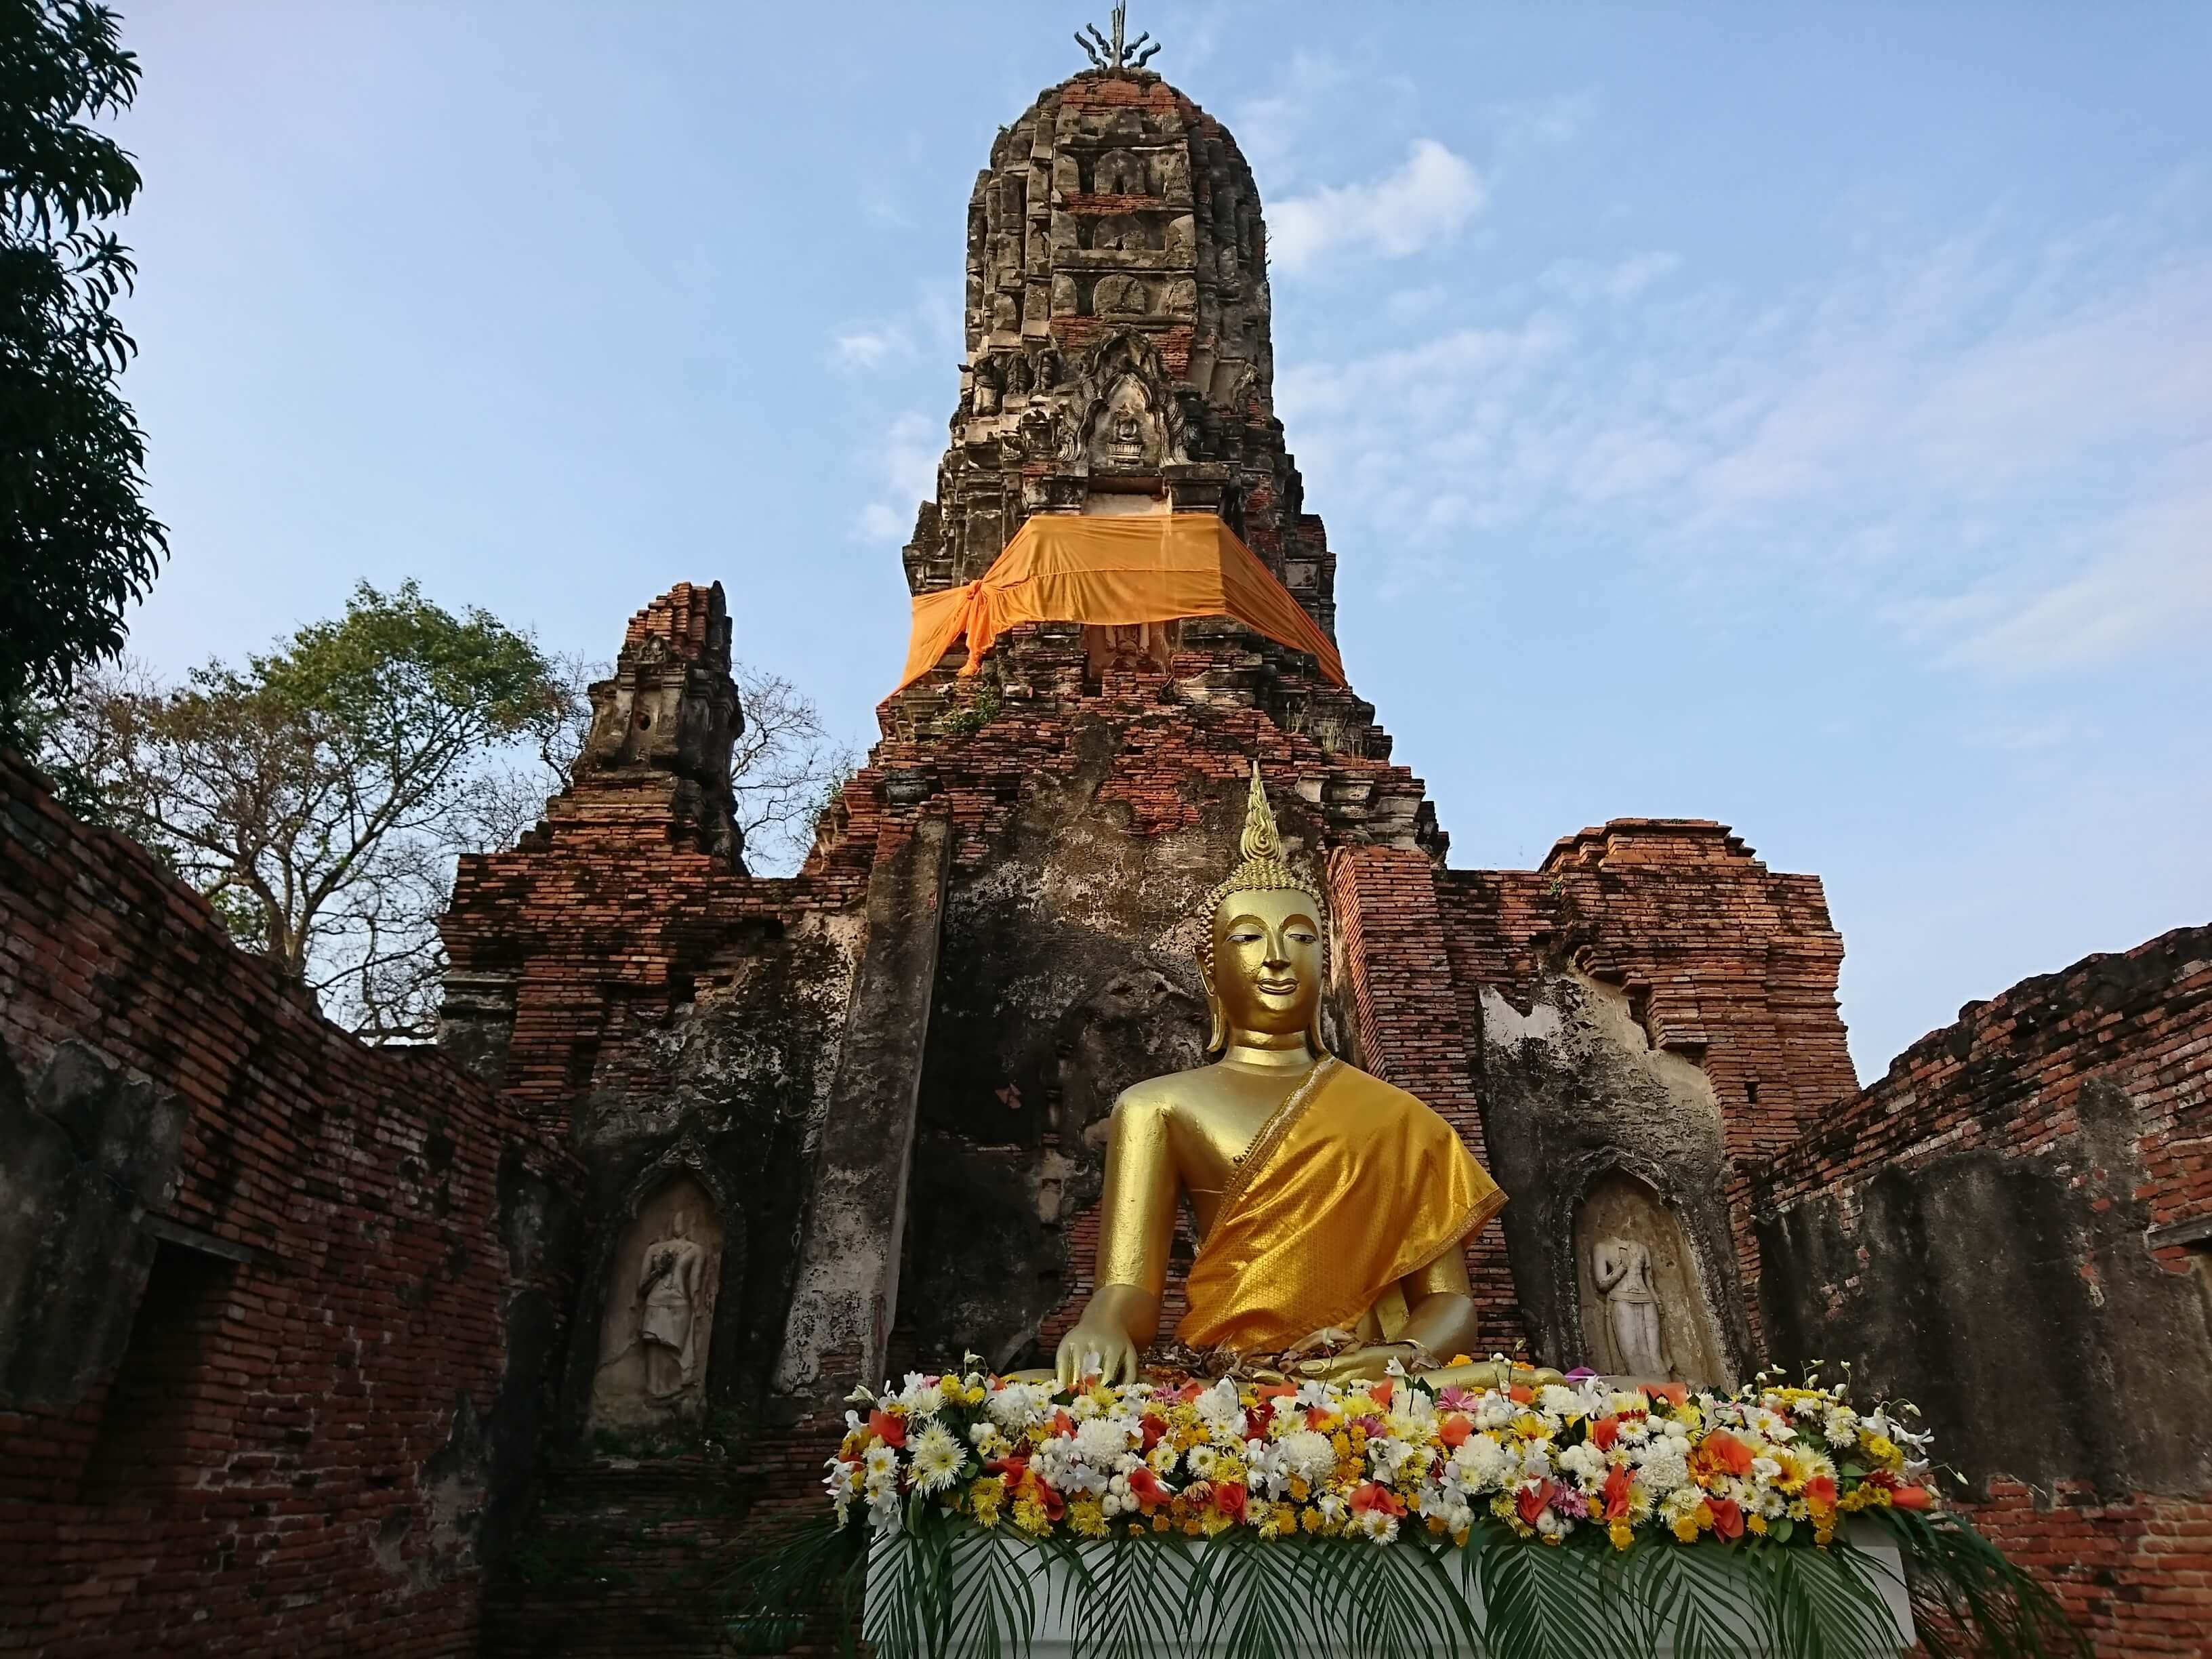 ワットチュンター(Wat Choeng Tha)/ 礼拝堂の壁画は必見!民間伝承も残る現存寺院遺跡!